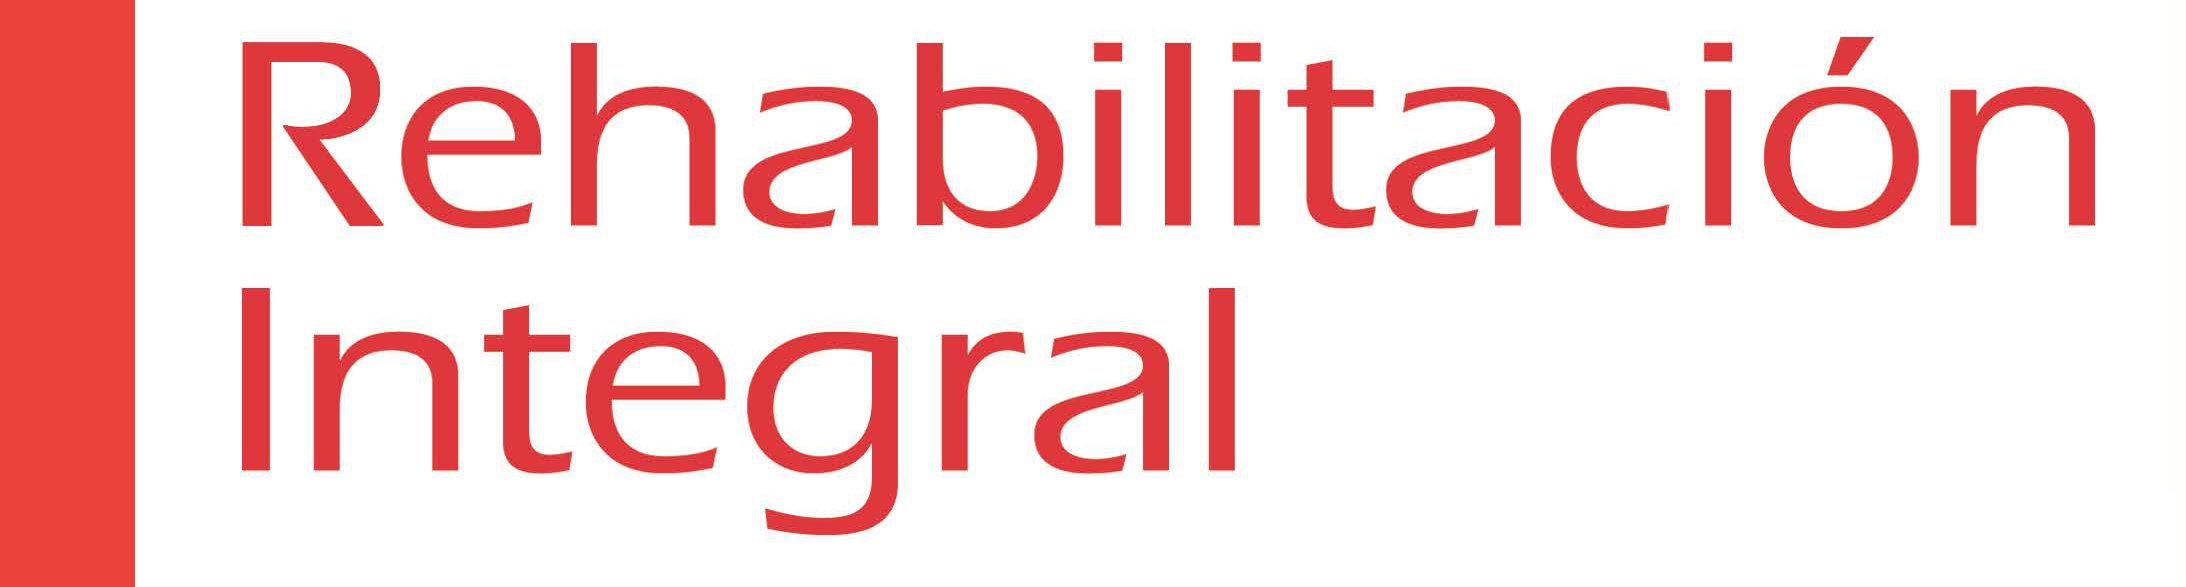 Rehabilitacion Integral